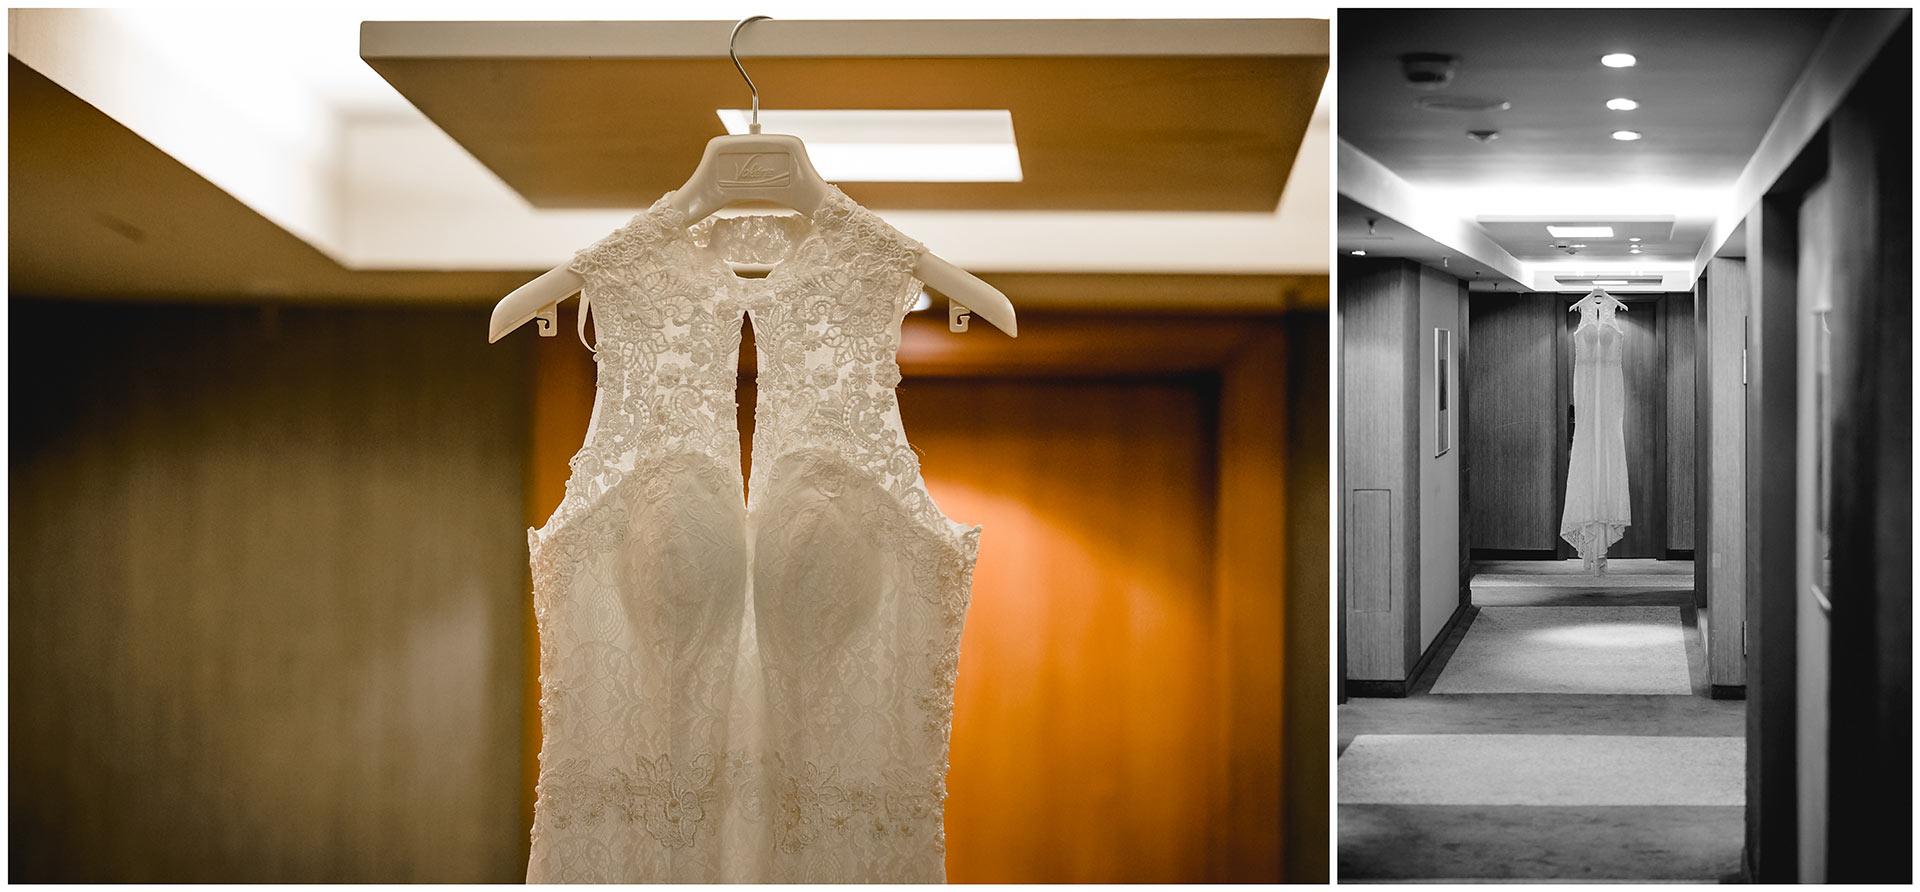 Brautkleid-haengt-auf-Buegel-im-Flur-vom-Hotel-Neptun-Hochzeitsfotograf-Warnemuende-Rostock-Hochzeitsfotograf-Ostseebad-Warnemünde